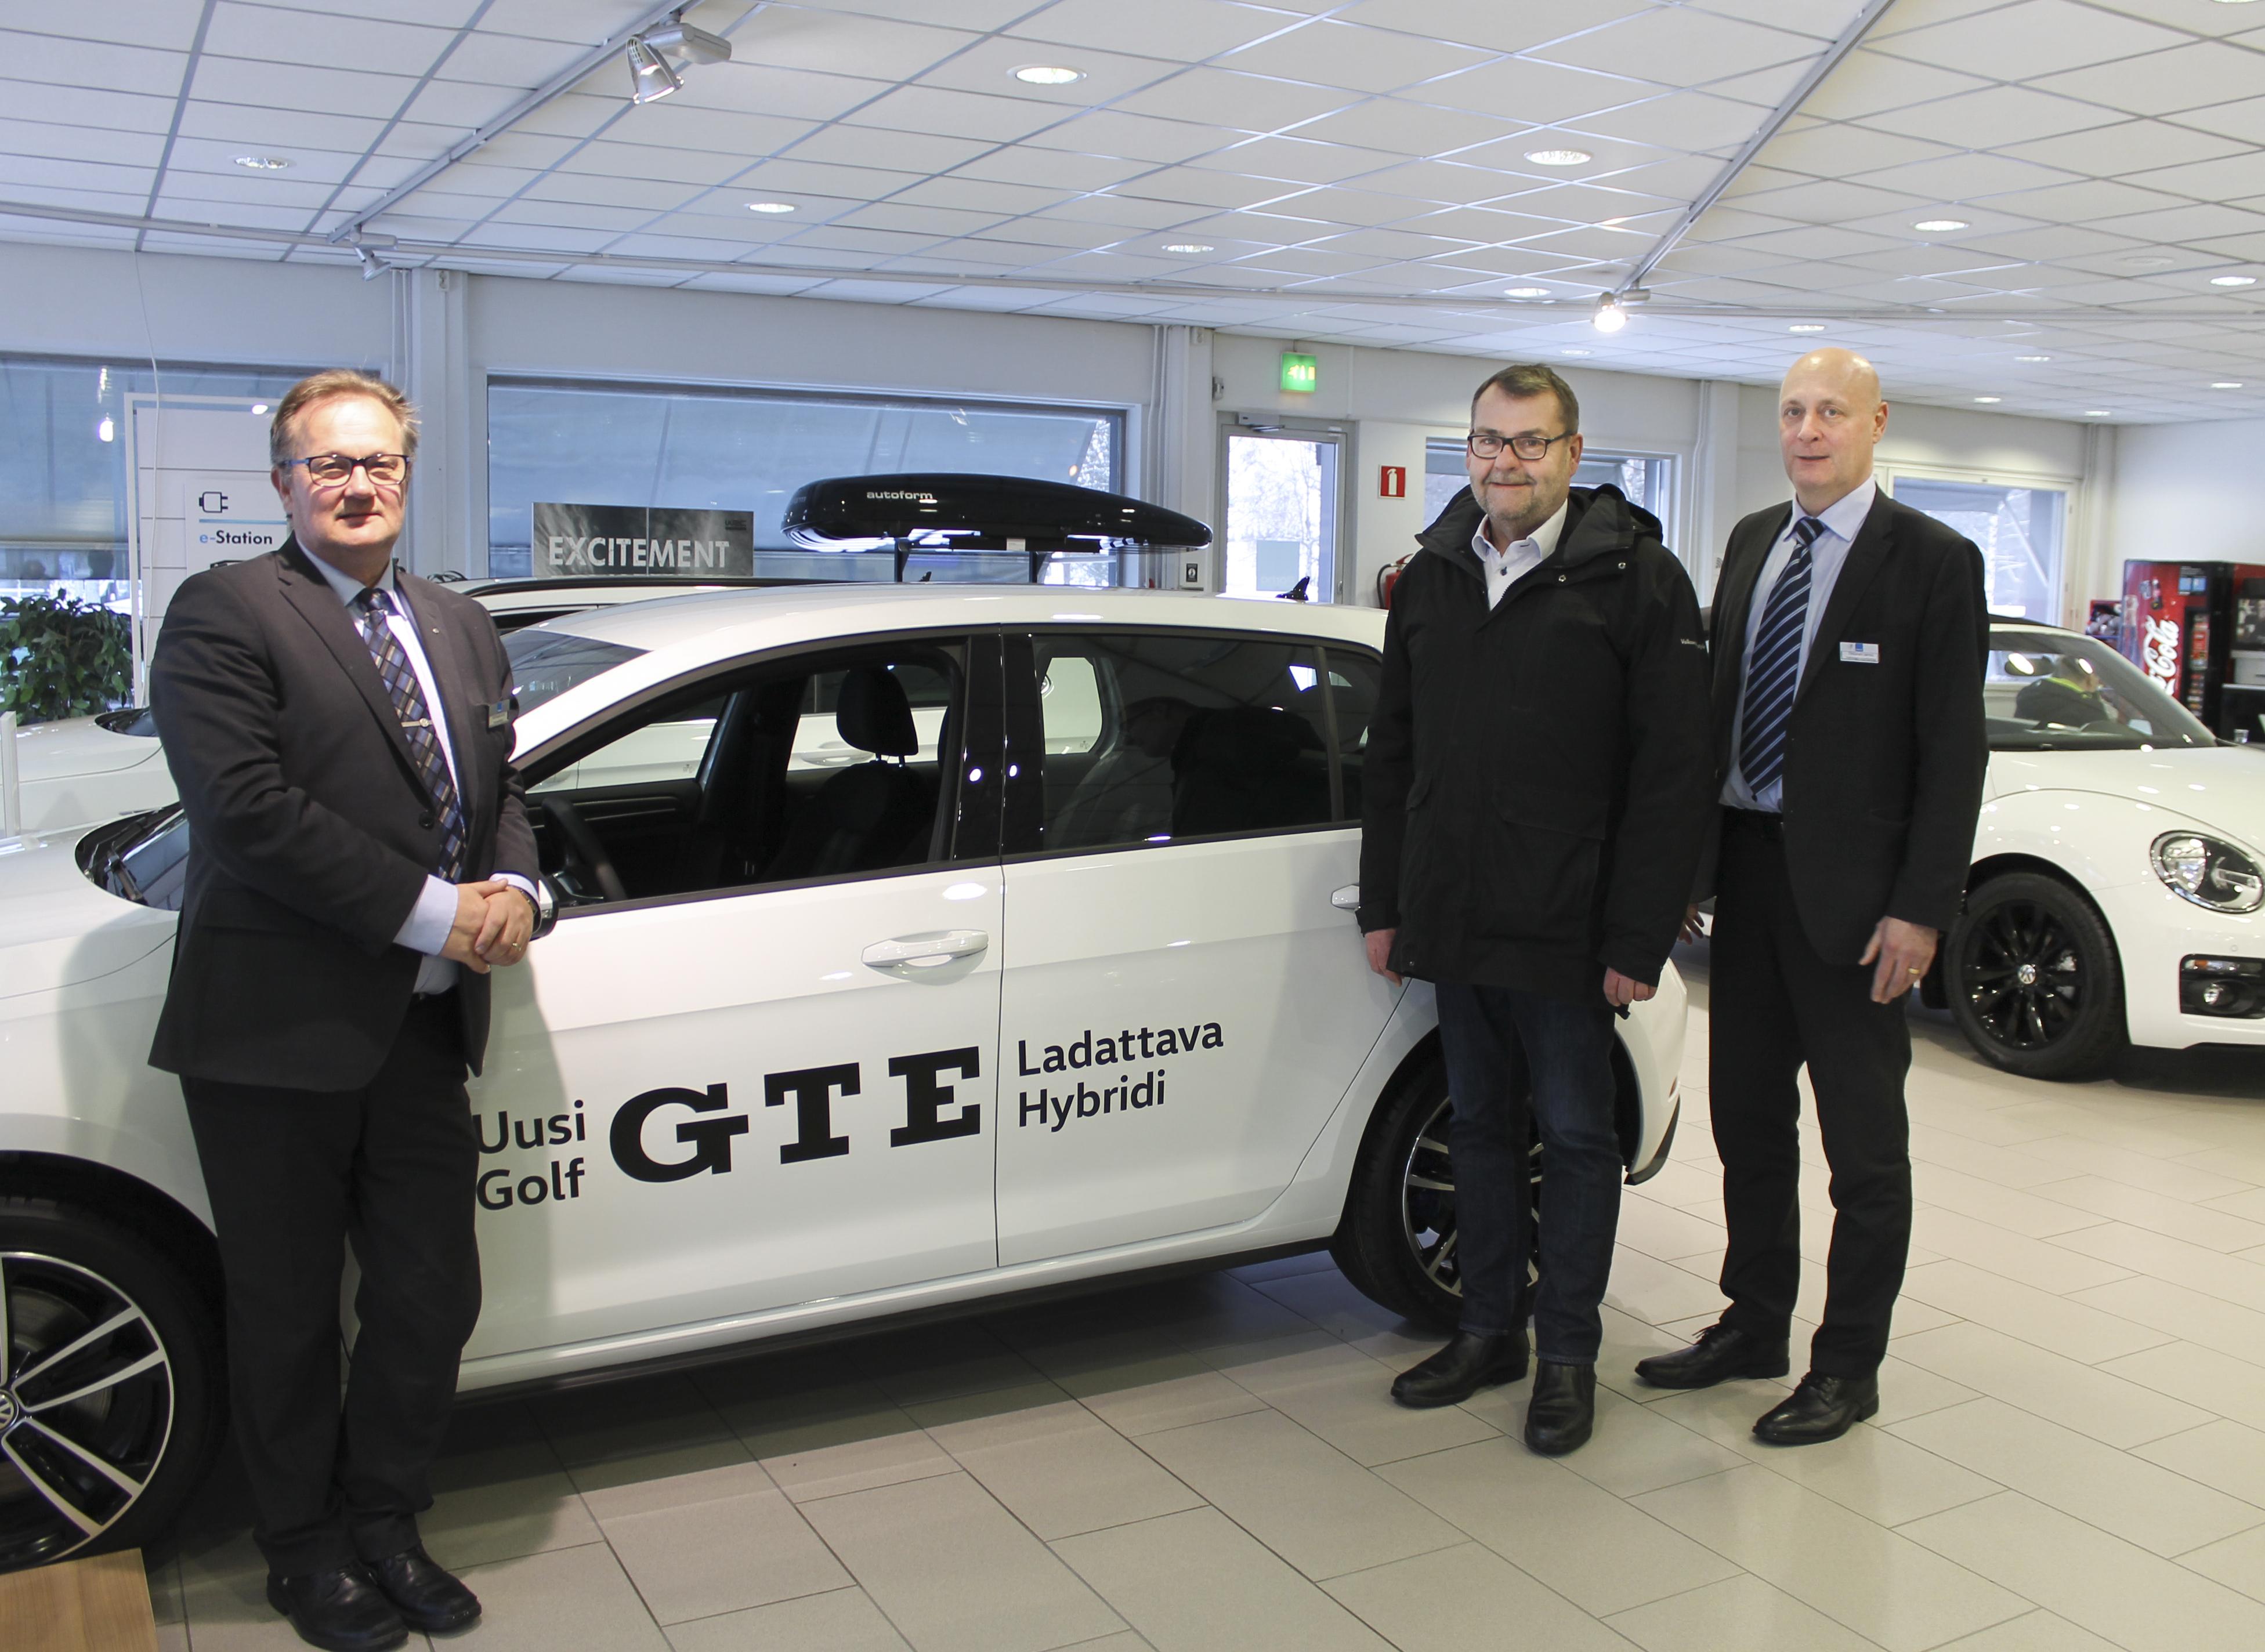 Uusi e-Golf tulee myyntiin Oulussa - Pörhö